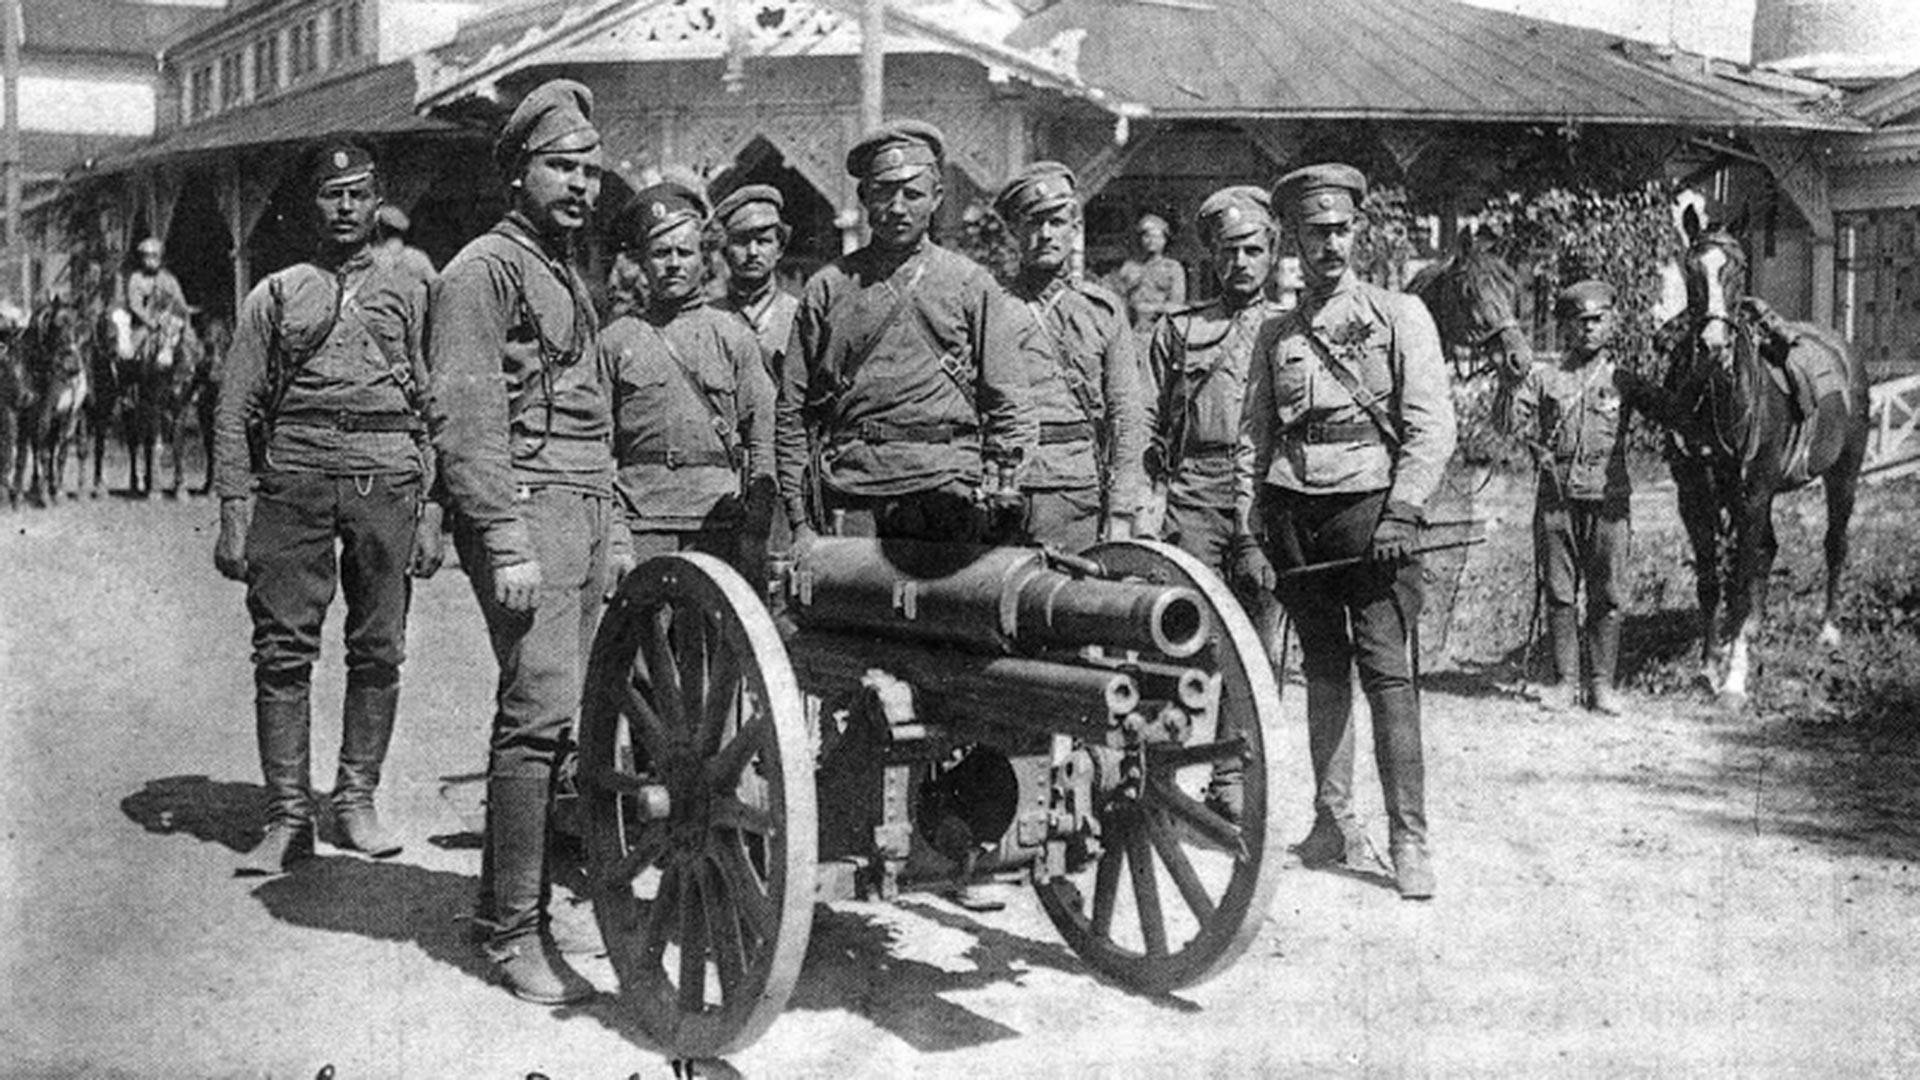 Artilerijski oddelek odreda skupaj s poveljnikom Puninom